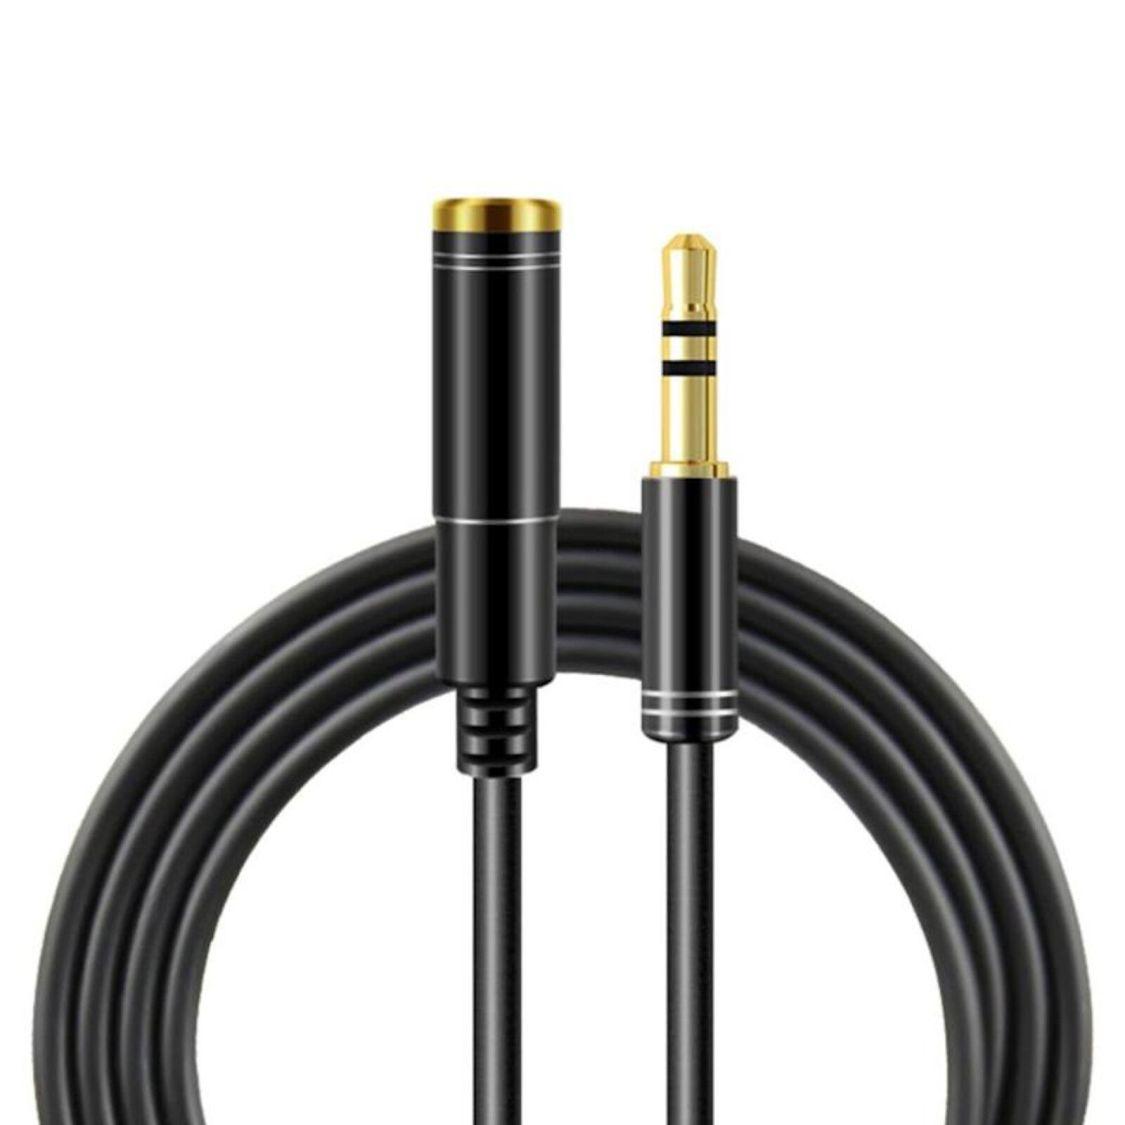 3m Audio Stereo Kopfhörer Verlängerungskabel 3,5mm Klinke Stecker > Buchse Schwa